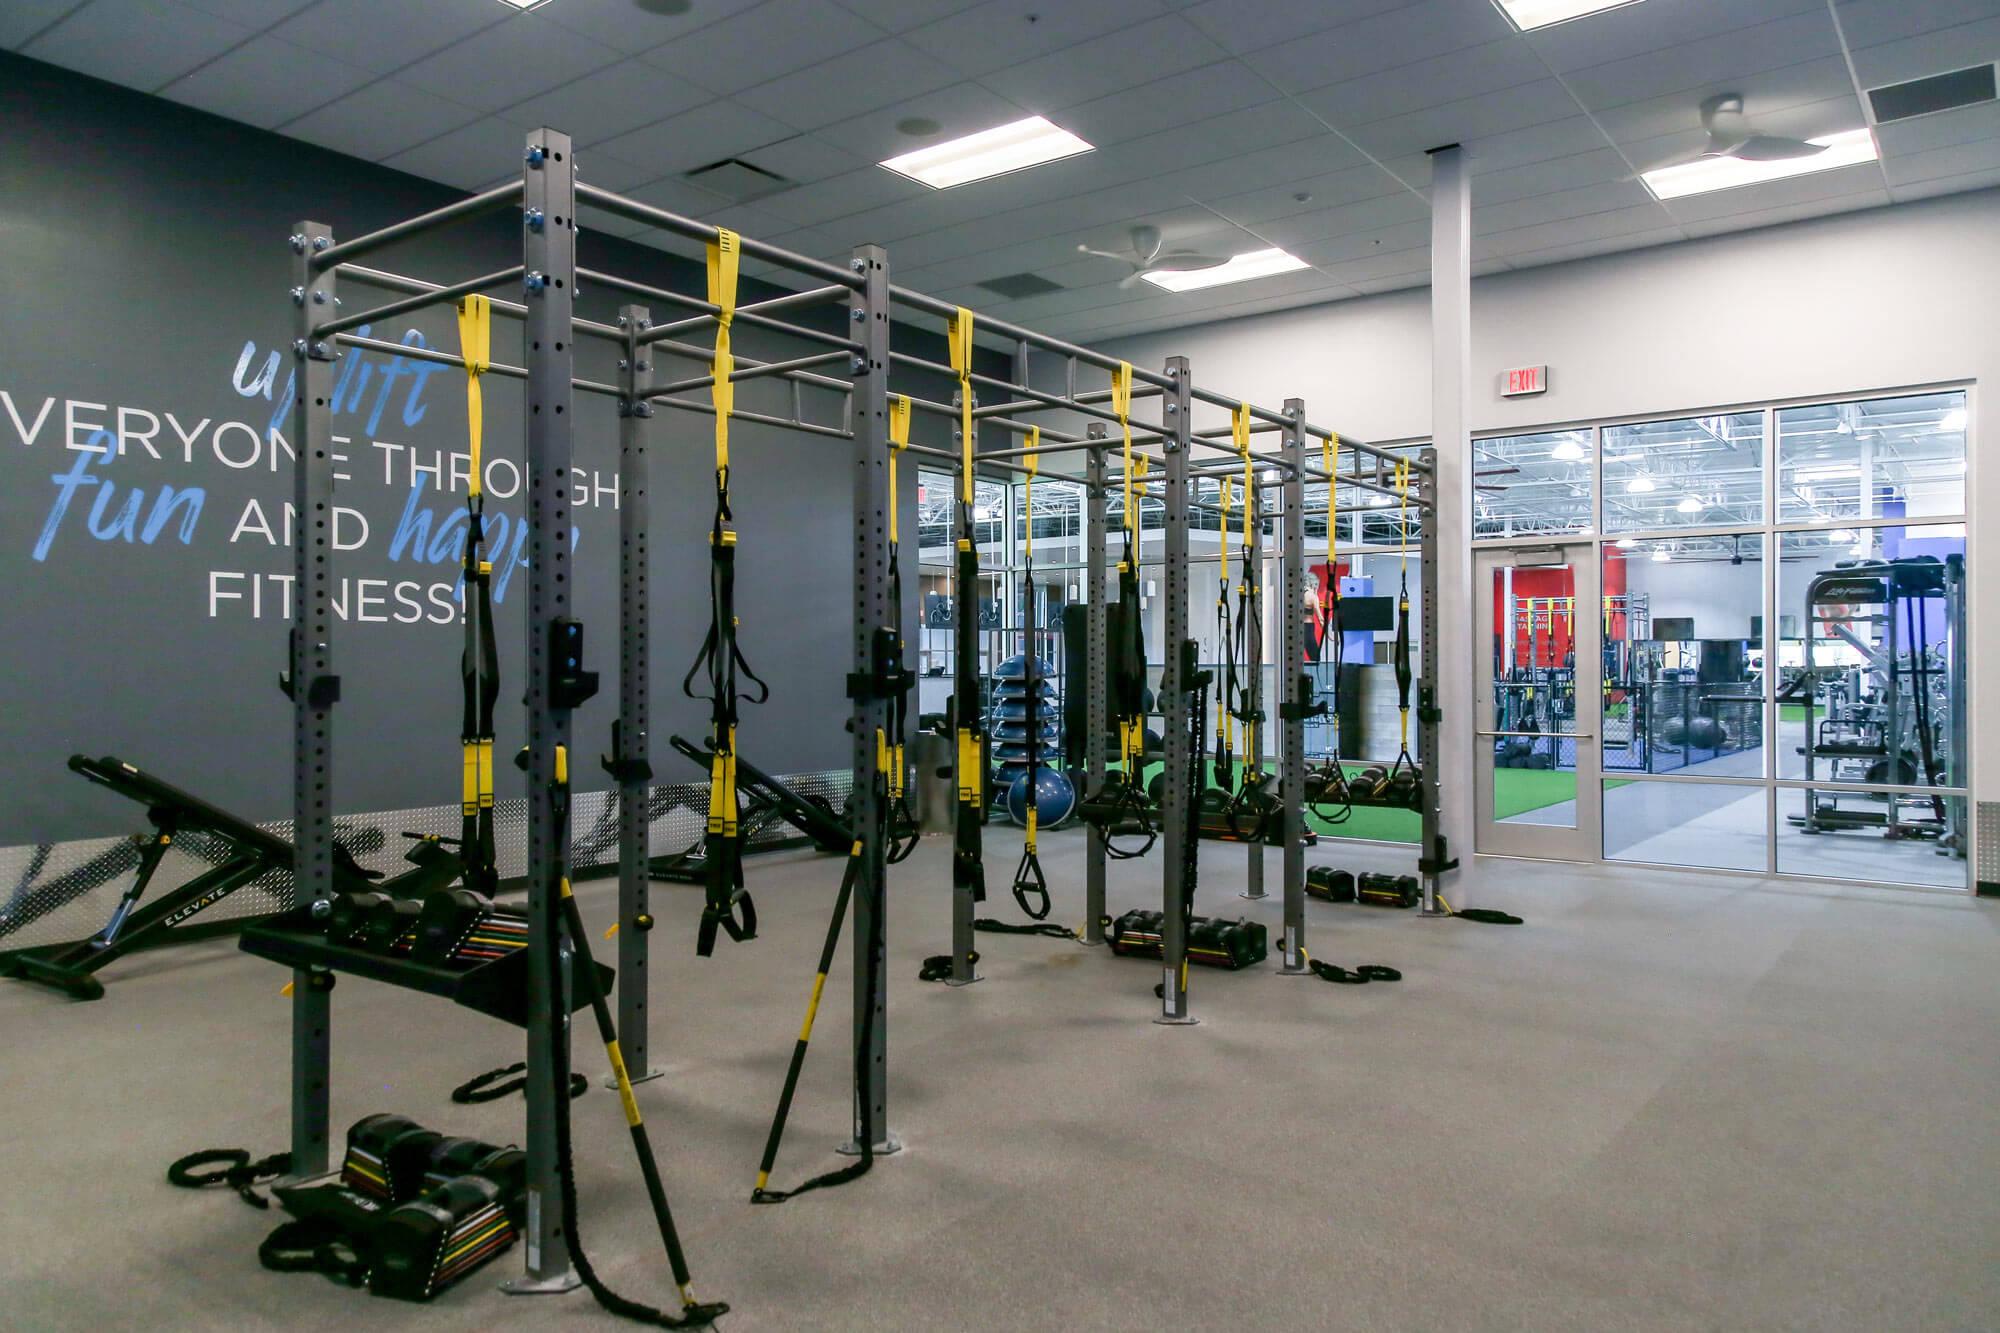 Gym in littleton